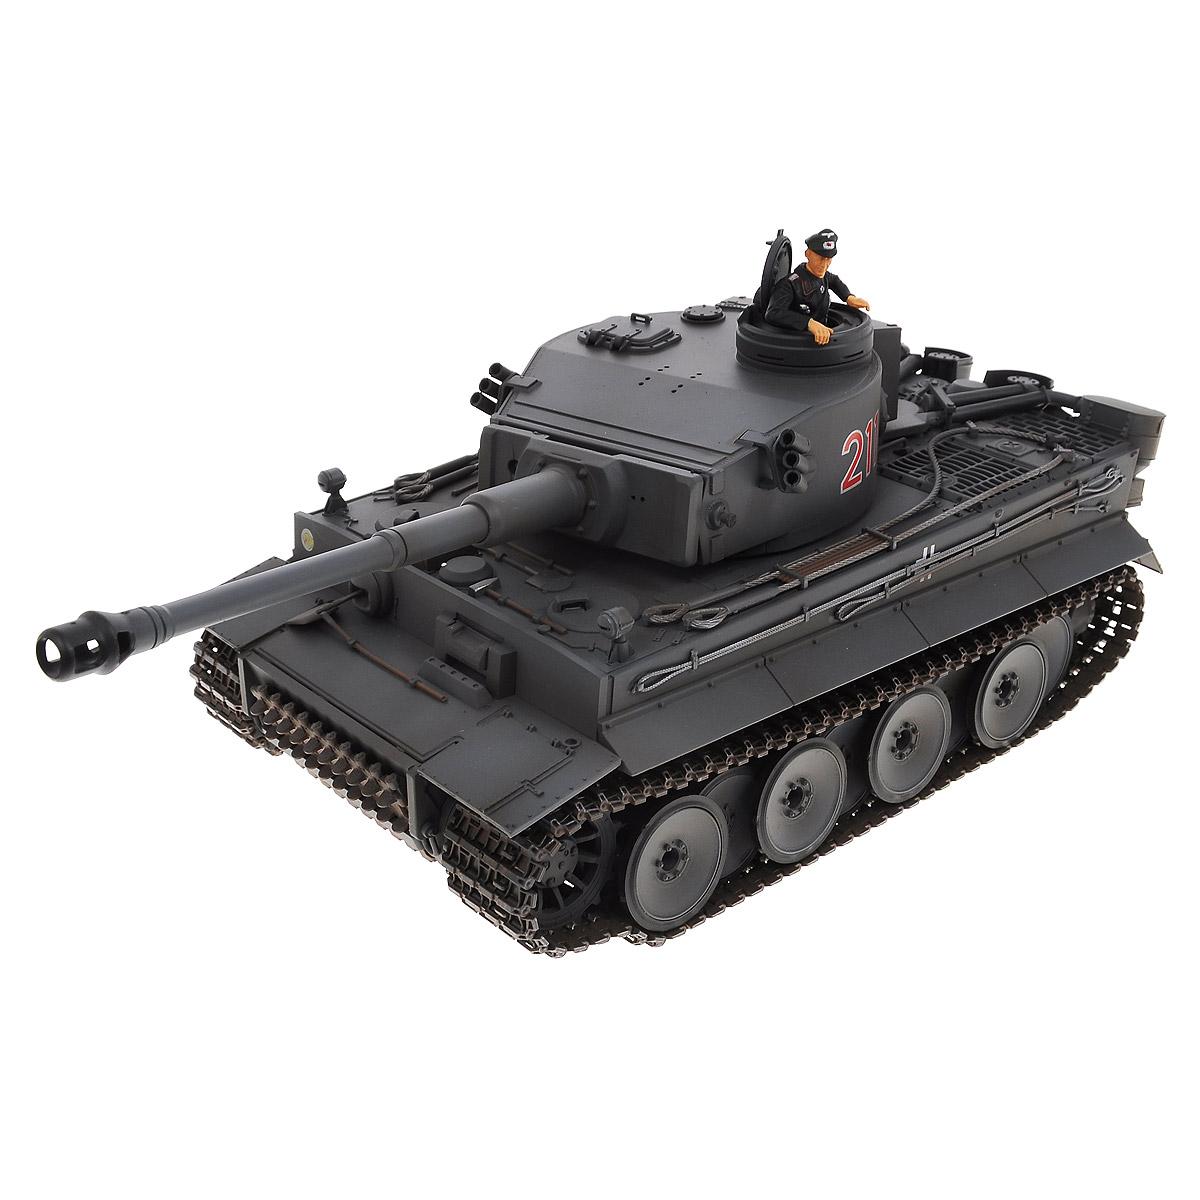 VSP Танк на радиоуправлении German Tiger I цвет черный628437Радиоуправляемый танк VSP German Tiger I - это современная коллекционная модель в масштабе 1/24. Она представляет собой уменьшенную копию легендарного тяжелого танка времен Второй мировой войны, известного как Тигр. Эта боевая машина была разработана и произведена в 1941-1942 годах фирмой Хеншель. Пульт управления работает на частоте 2,4 ГГц и оснащен светодиодной подсветкой голубого цвета. Система Airsoft обеспечивает постоянное движение танка и стрельбу из пневматической пушки. Данная модель может стрелять мягкими (пневматическими) BB шариками, поэтому имеет возрастное ограничение от 14 лет. Благодаря работе на частоте 2,4 ГГц танк будет легко сопрягаться с пультом управления. Новые электронные схемы, примененные в этом пульте, позволяют принимать участие в игровых сражениях одновременно 16 танкам. Радиус управления заметно увеличился и составляет 40-50 метров на улице и 25-30 метров внутри помещений. Для пульта управления...